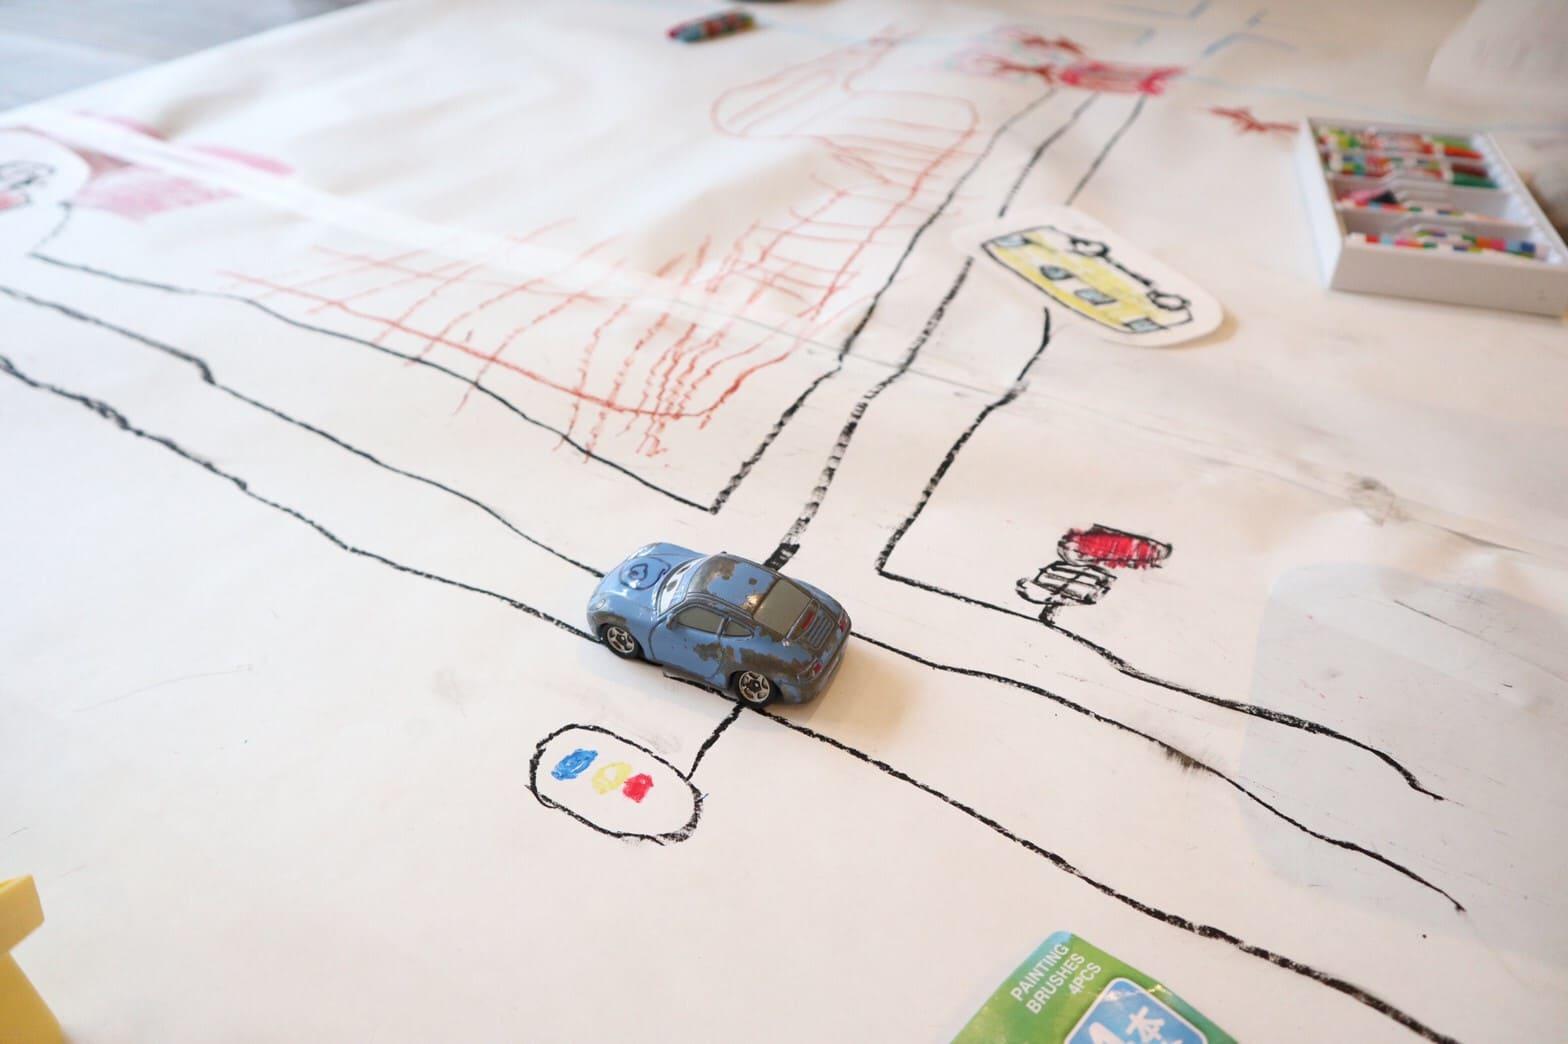 おおきな模造紙に街を描く!工作イベントを開催した話